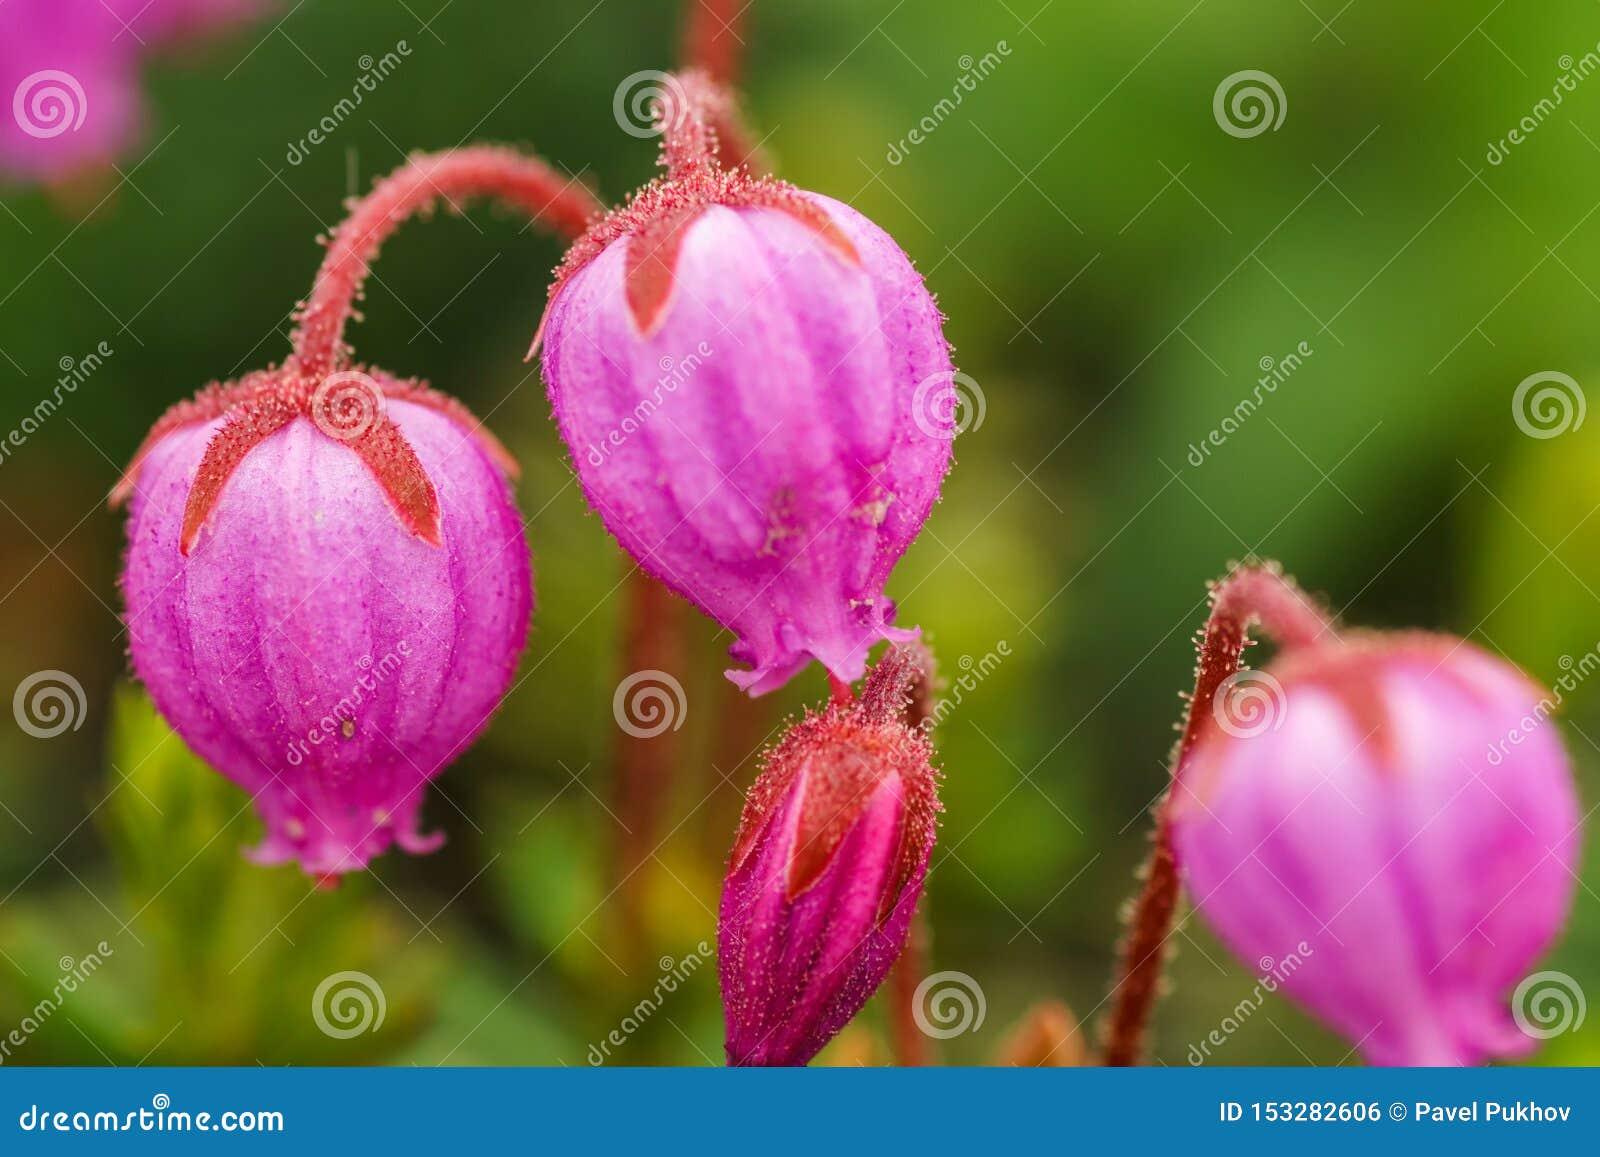 松花caerulea -常青灌木30 cm高